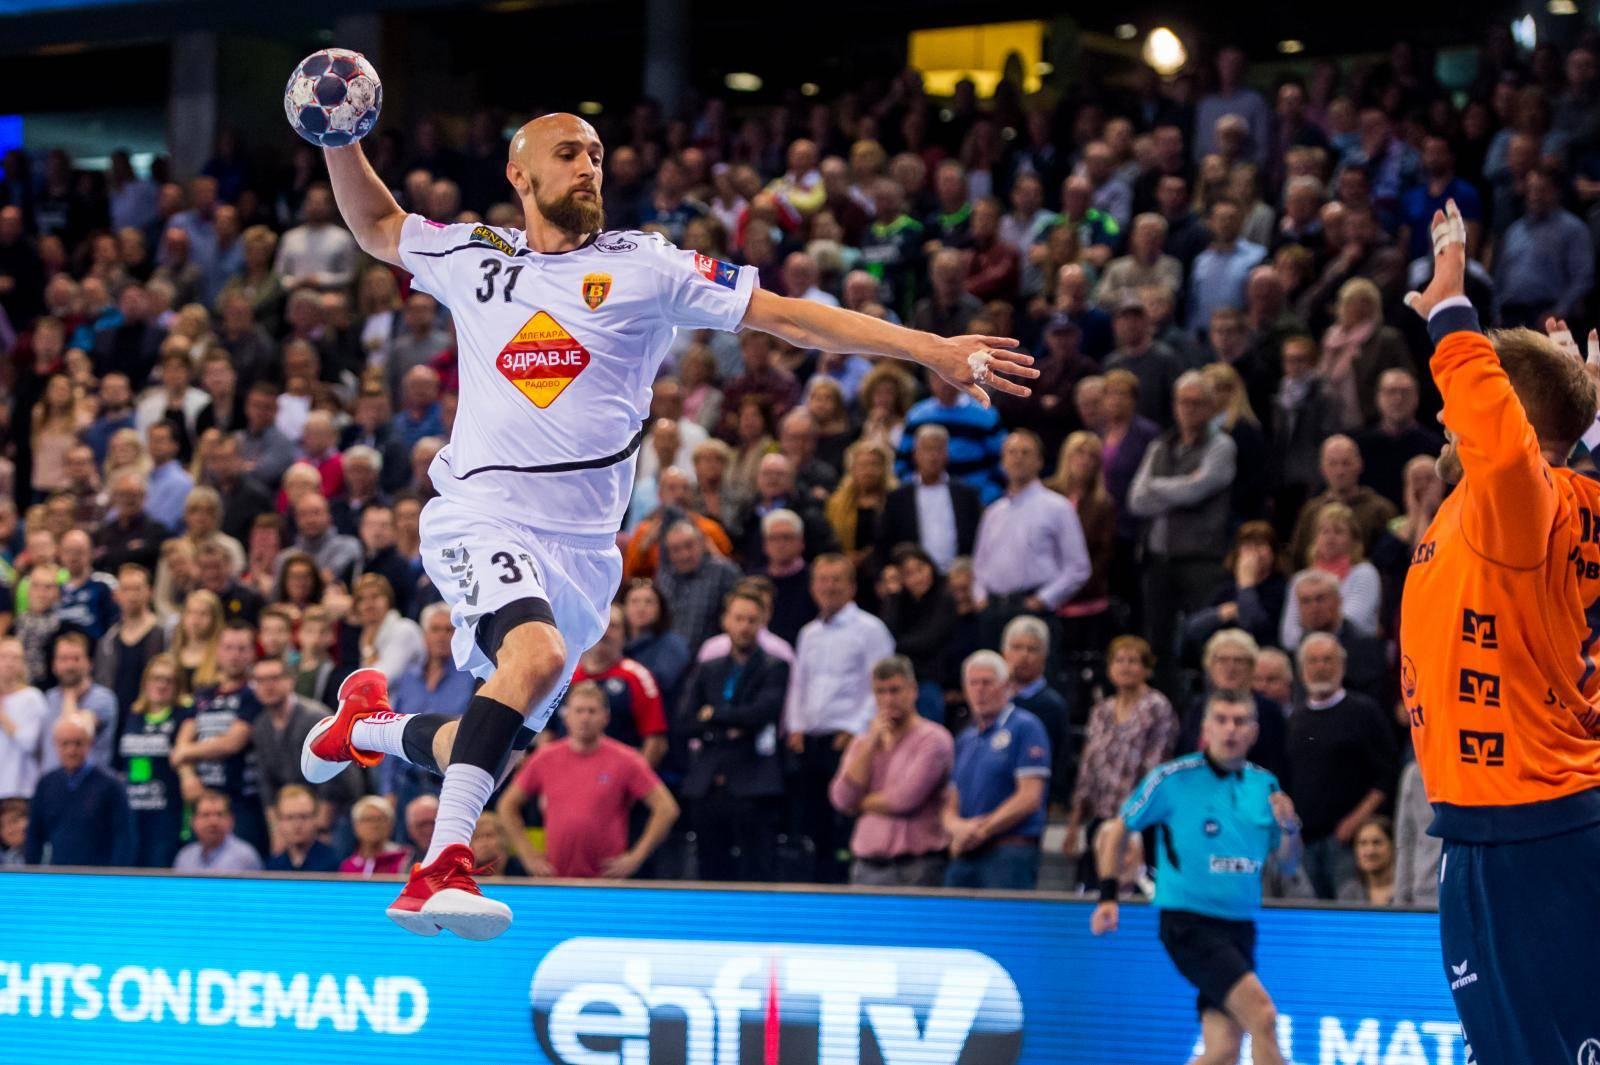 Handball: SG Flensburg-Handewitt vs Vardar Skopje